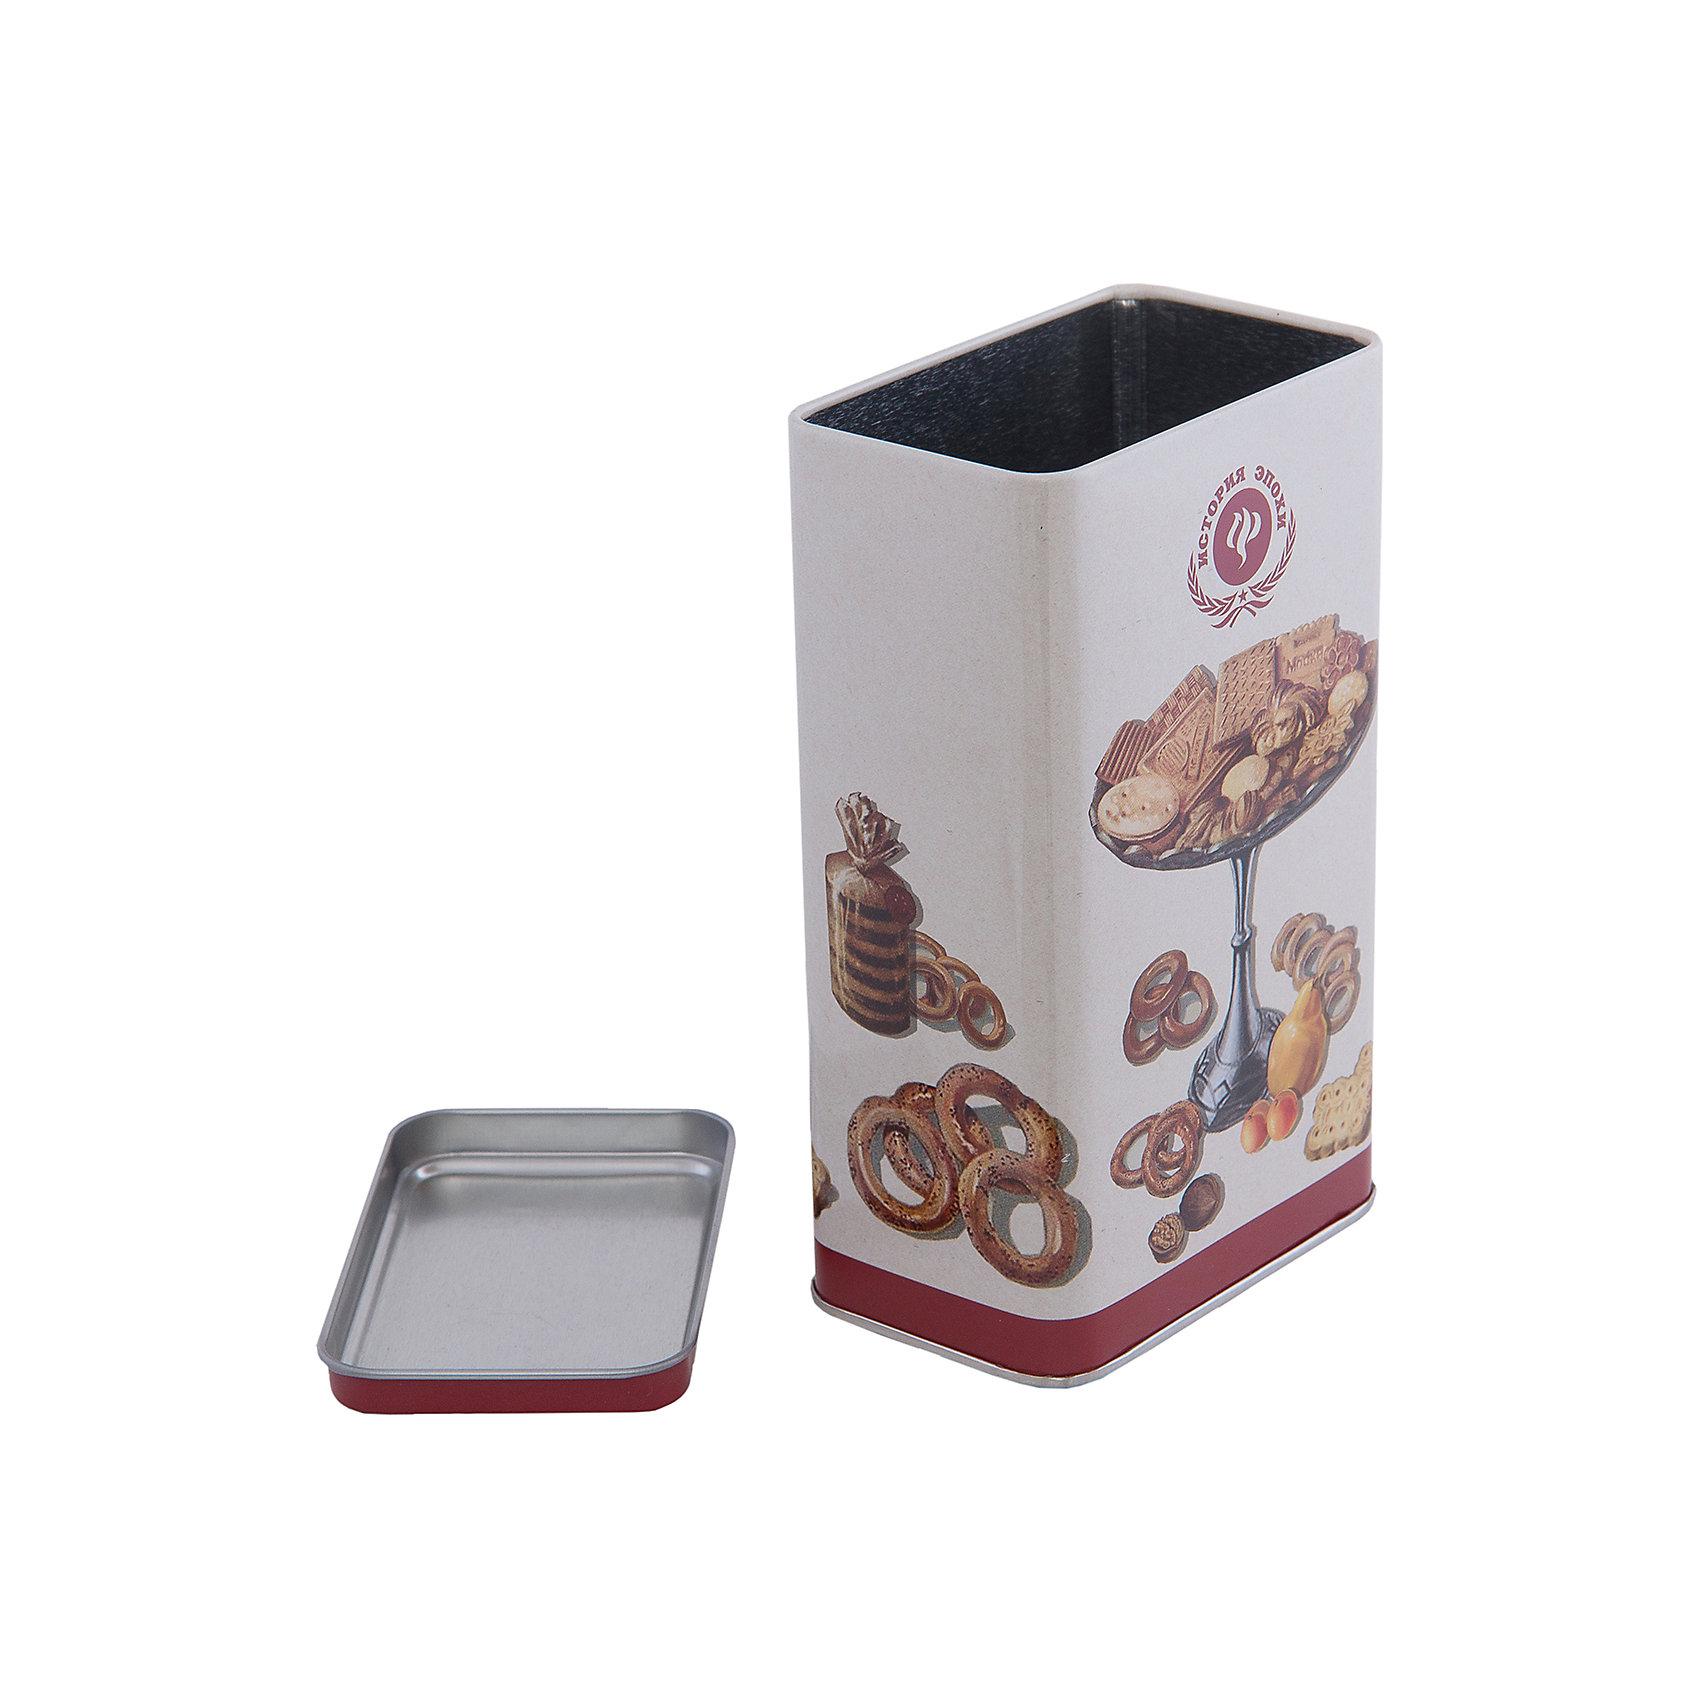 Феникс-Презент Емкость для сыпучих продуктов Печеньки 900 мл